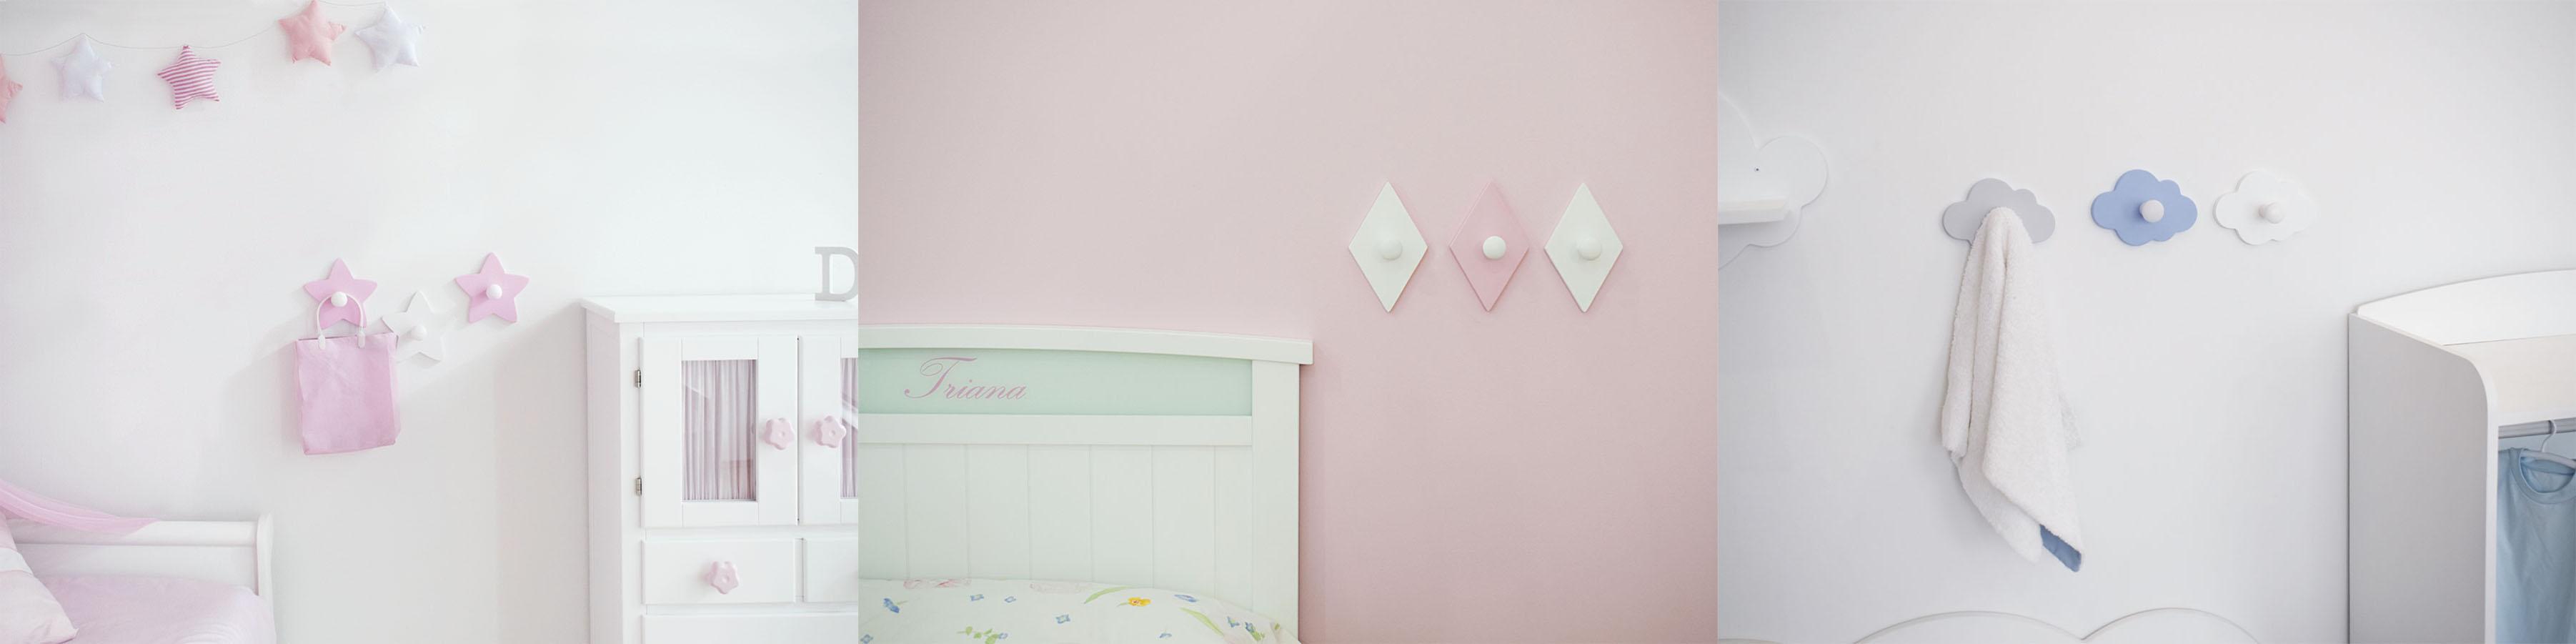 Perchas infantiles de pared Bainba. Modelos Estrella blanca y rosa, Rombo blanco y rosa y Nube azul, gris y blanca.